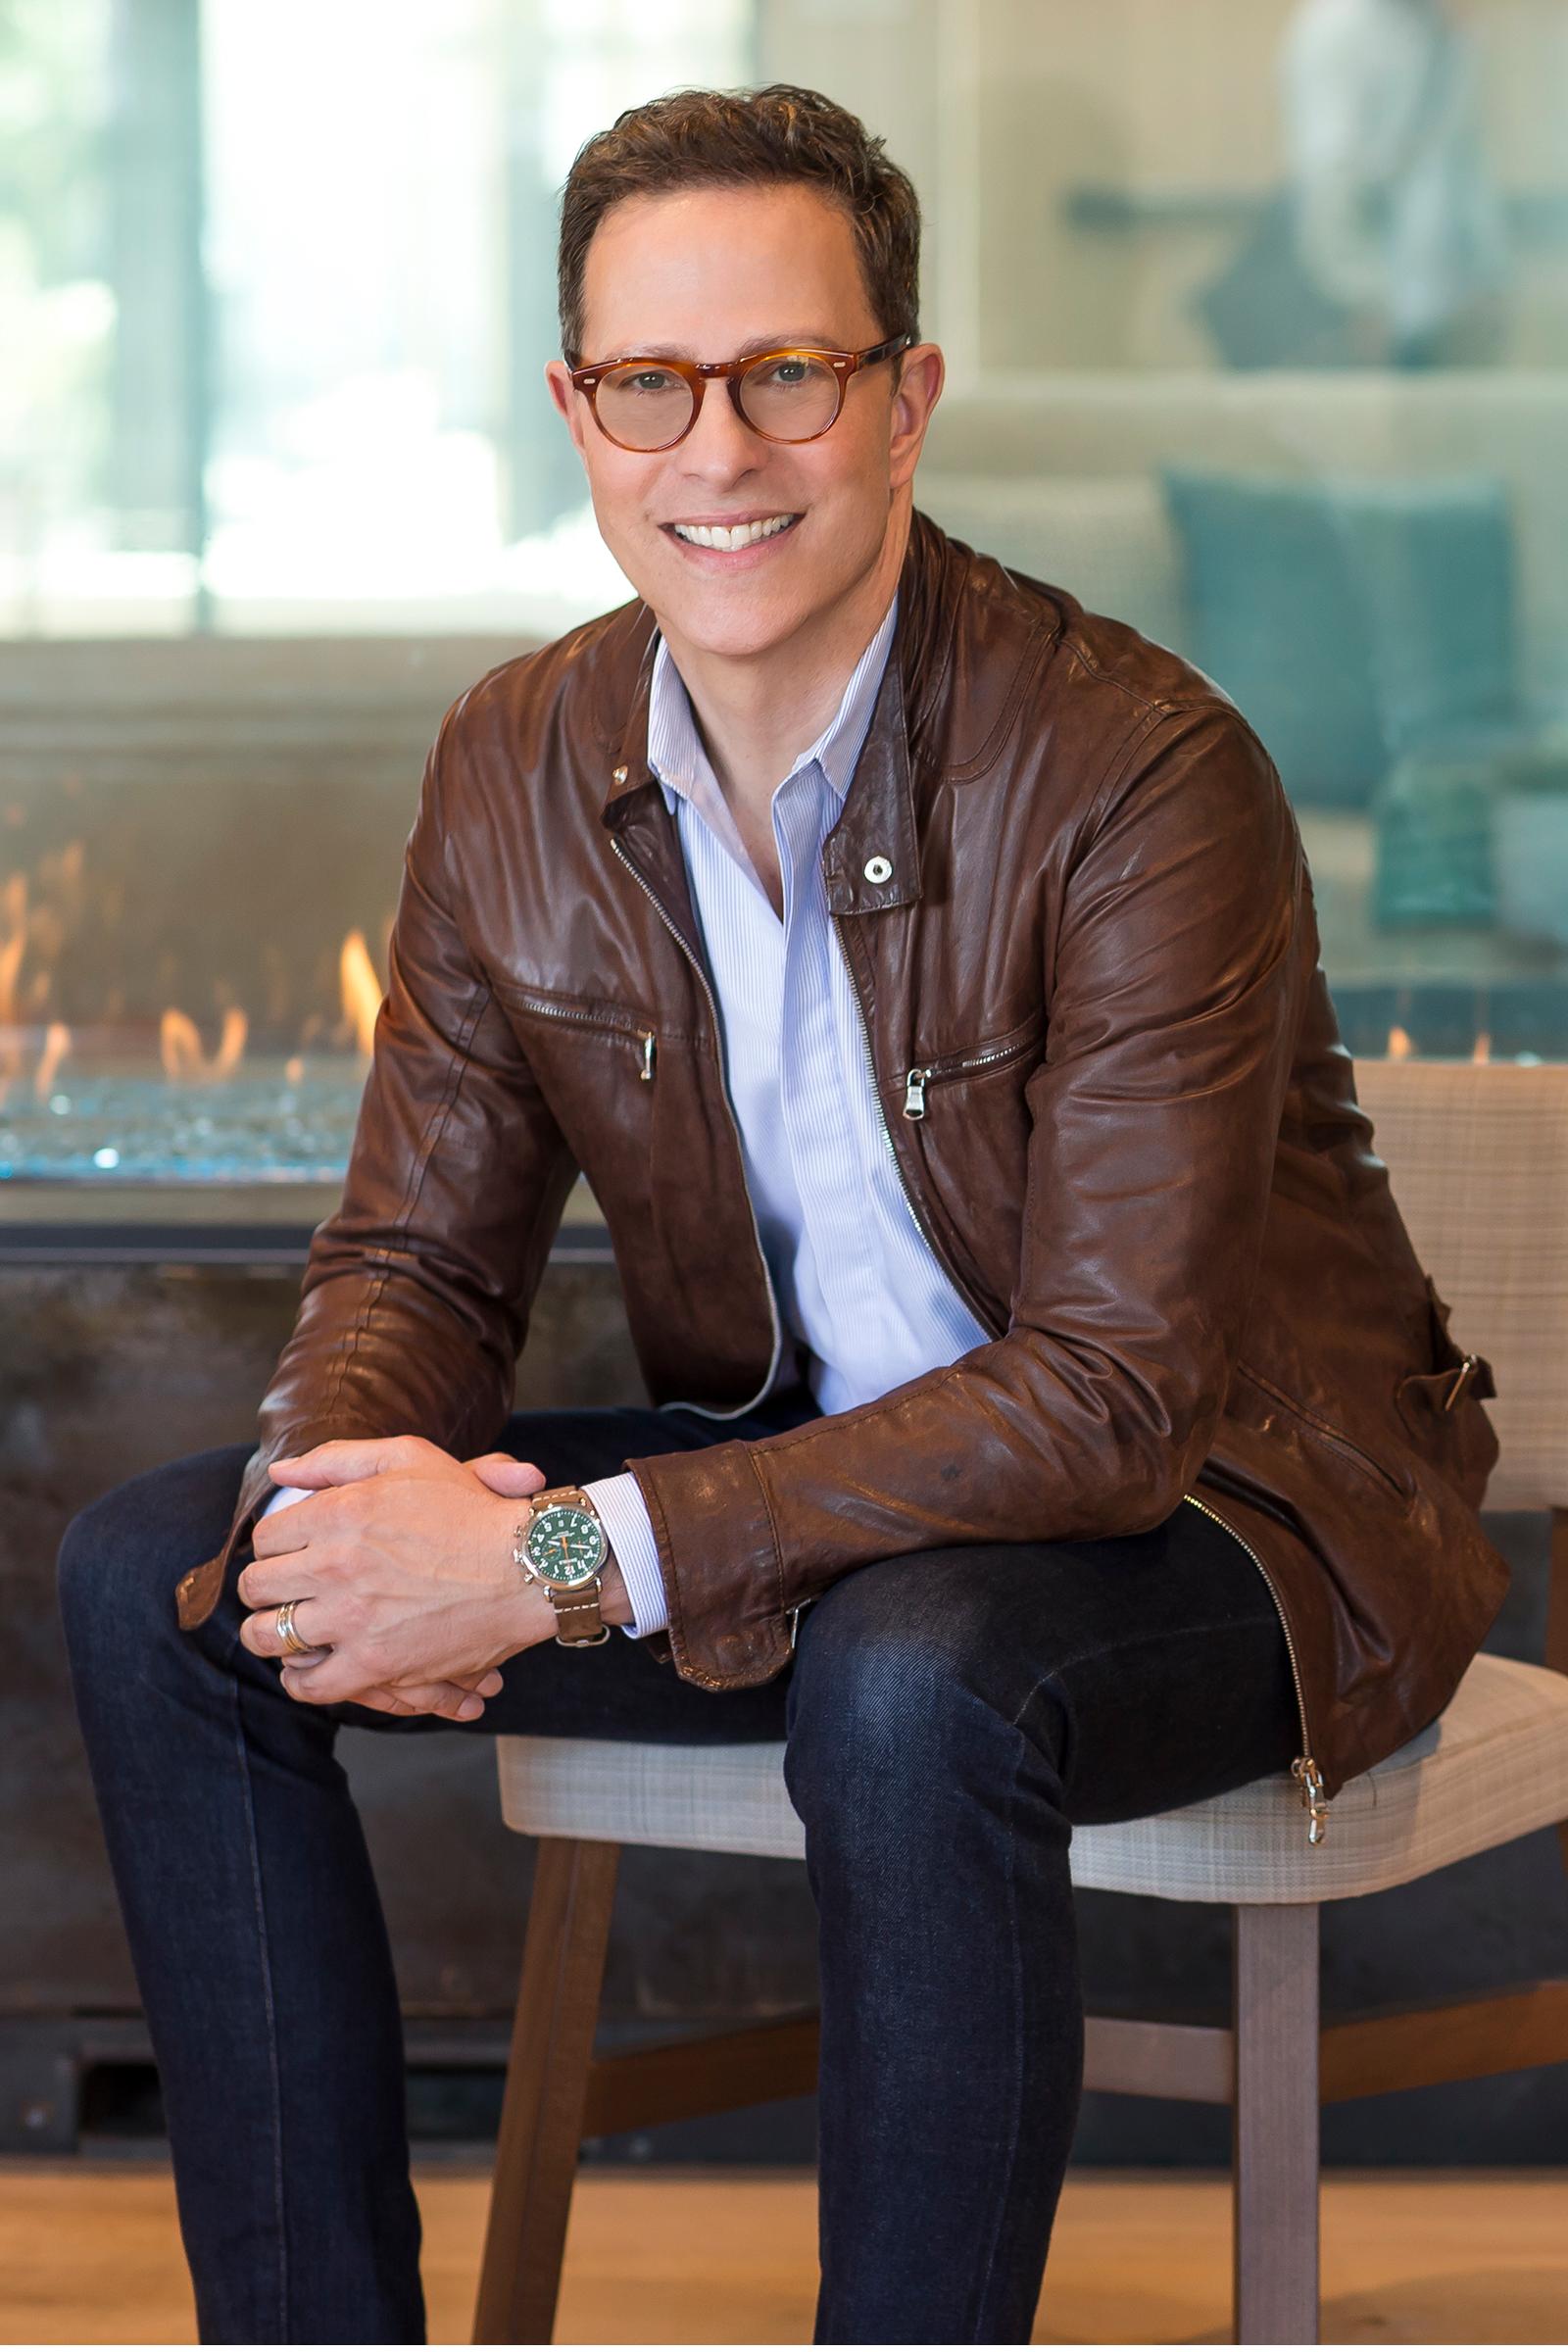 Steve Frankel, Real Estate Agent - Beverly Hills, CA ...